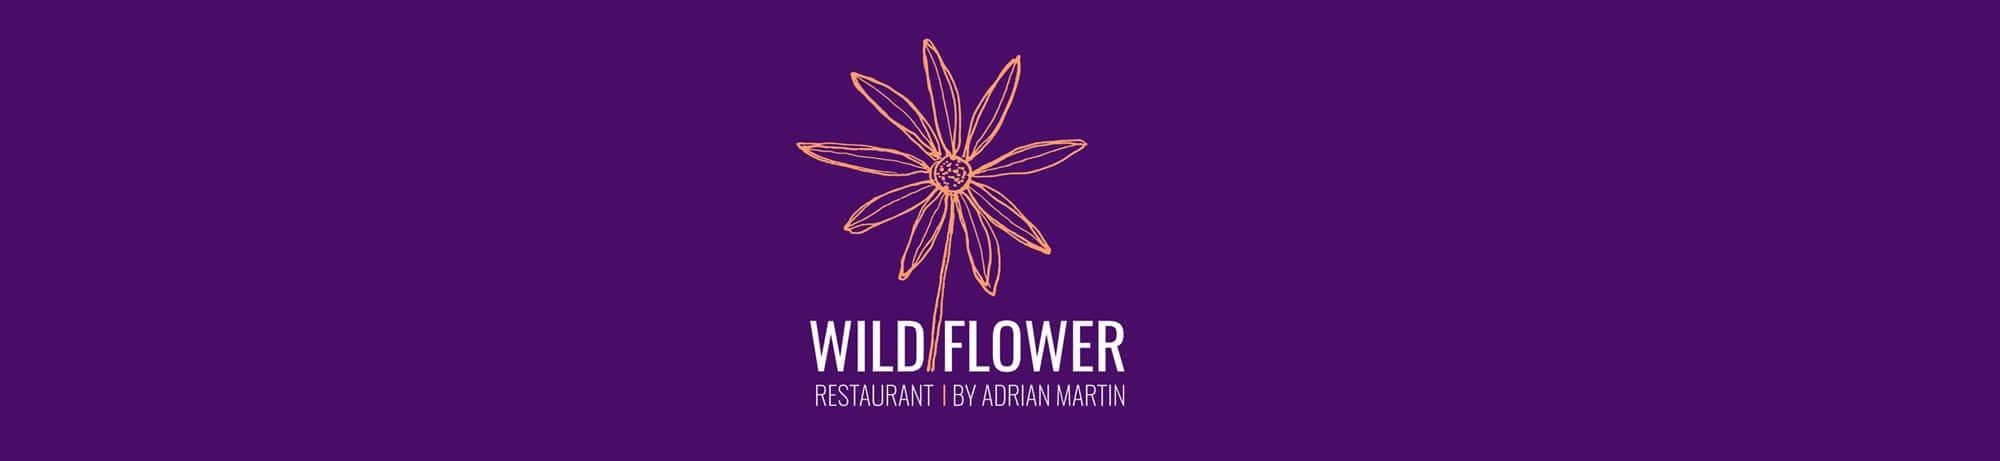 Wildflower Restaurant by Adrian Martin